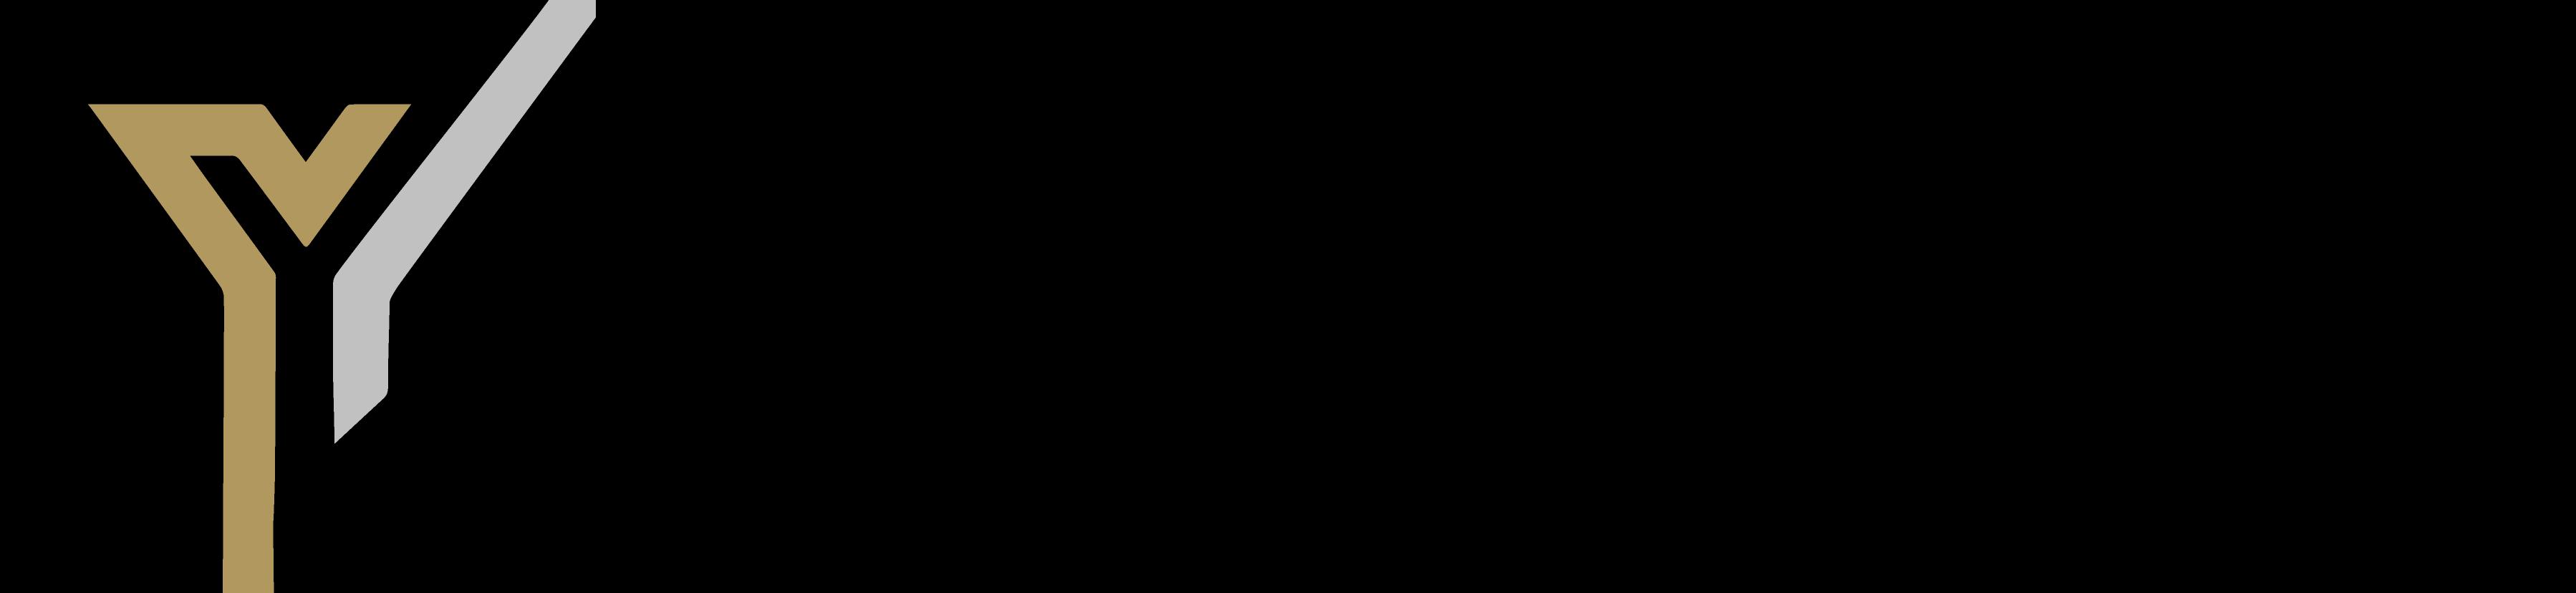 Yekmon